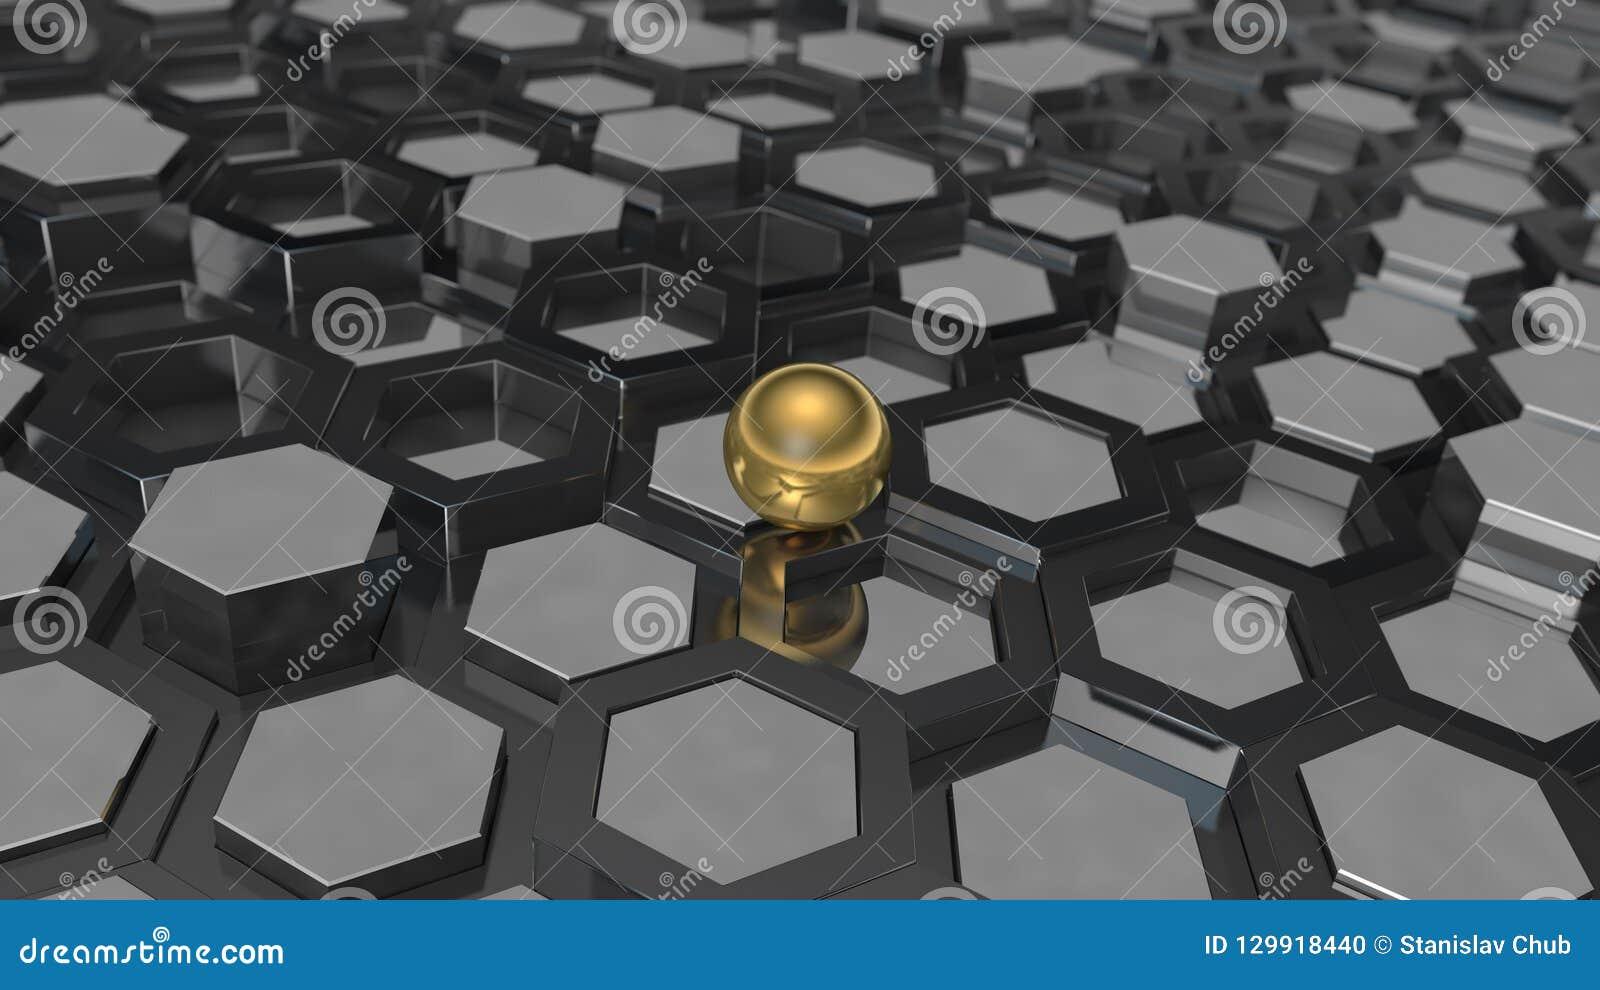 τρισδιάστατη απεικόνιση ενός υποβάθρου της πολλαπλότητας του μετάλλου λευκόχρυσου και της χρυσής σφαίρας, μια σφαίρα Η ιδέα της ε